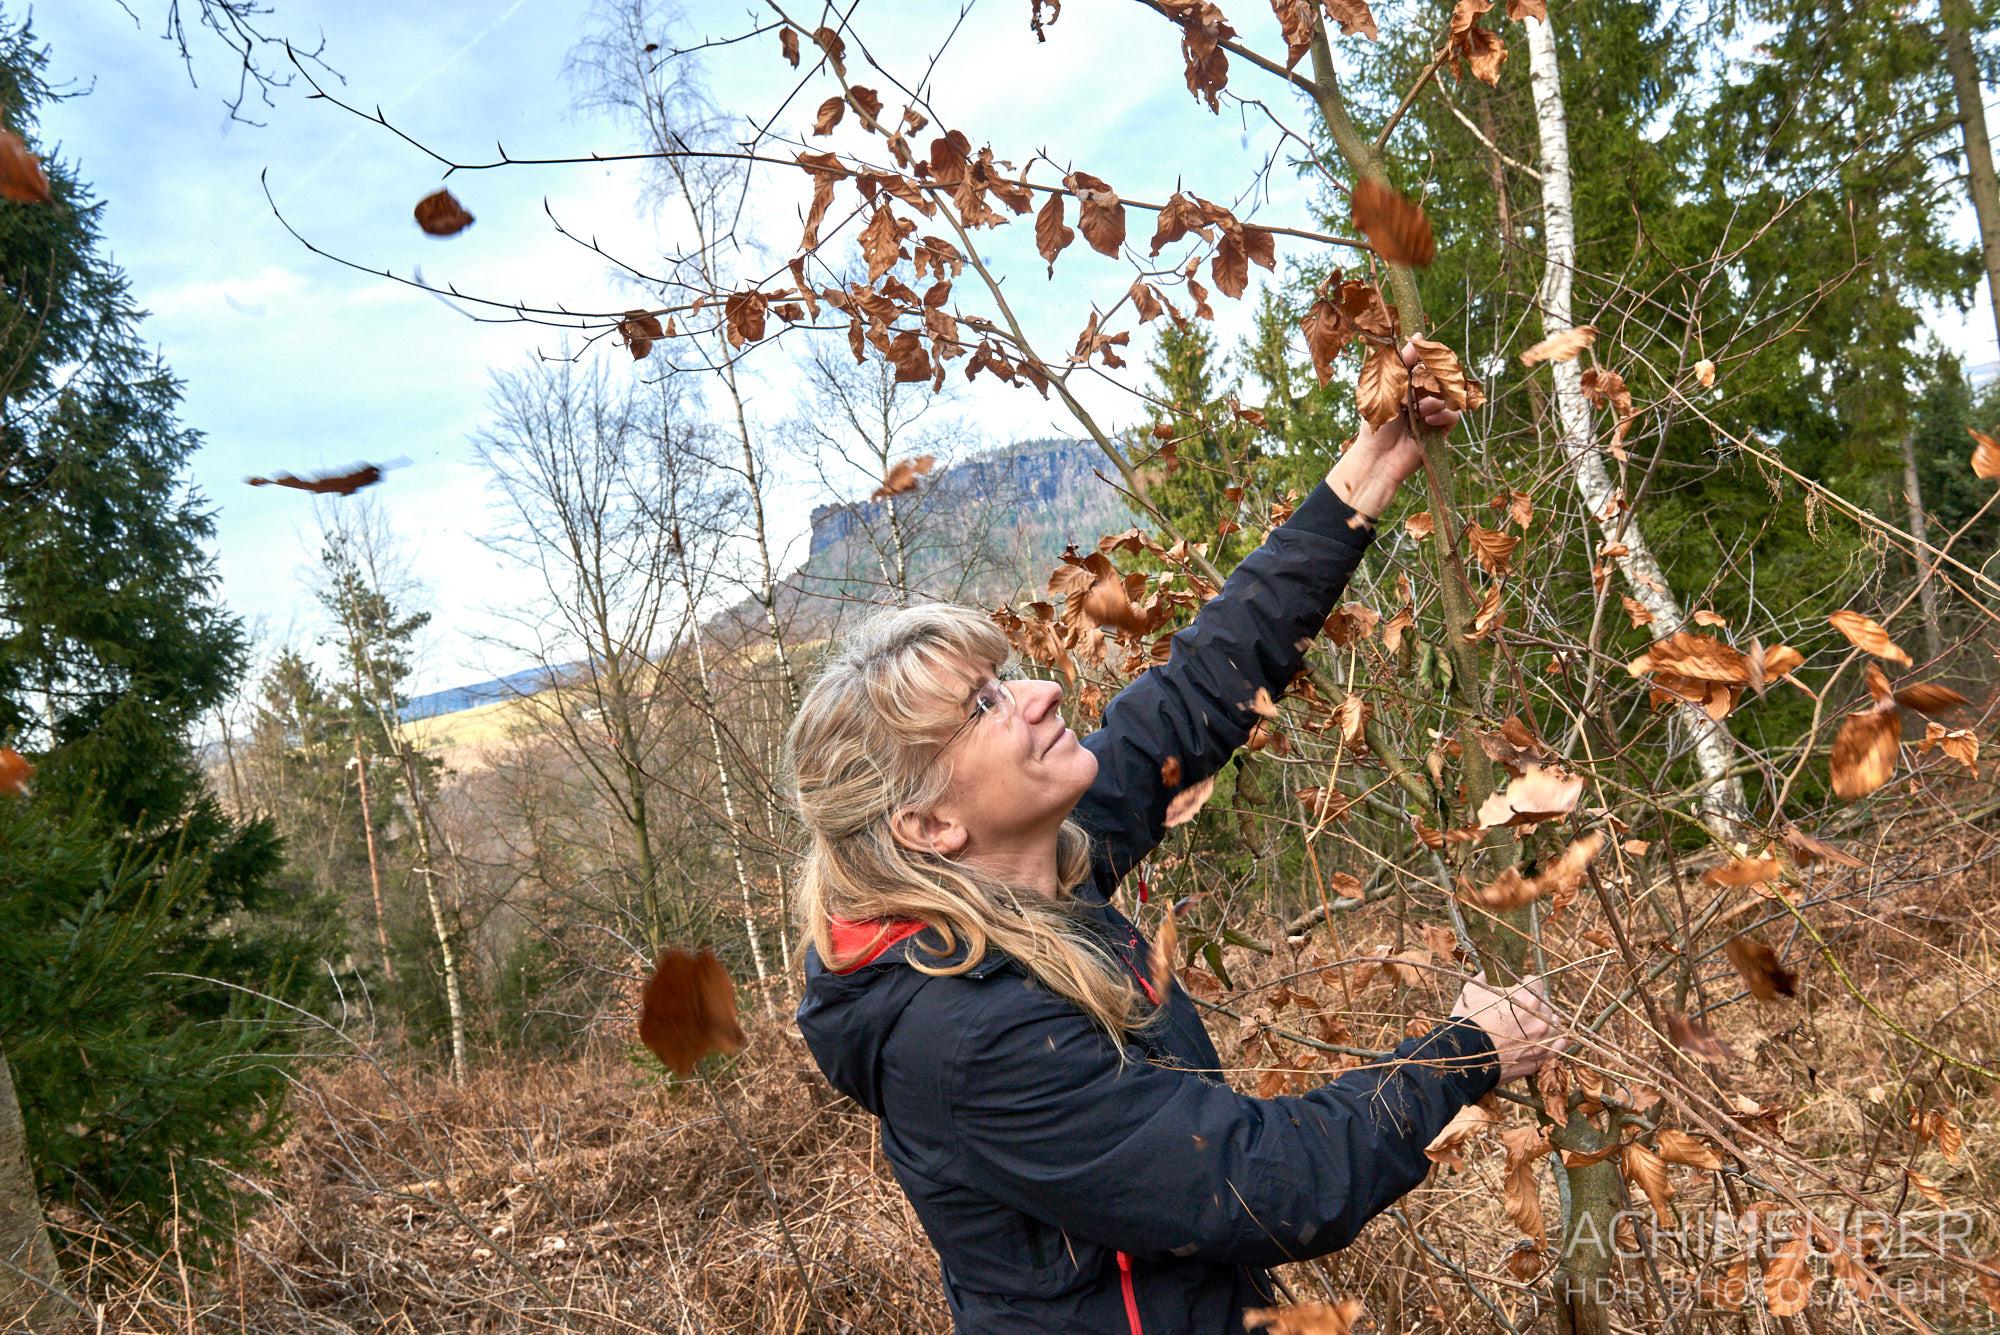 Aussicht im Winter ohne Blätter an den Bäumen, Sächsische Schweiz by AchimMeurer.com.